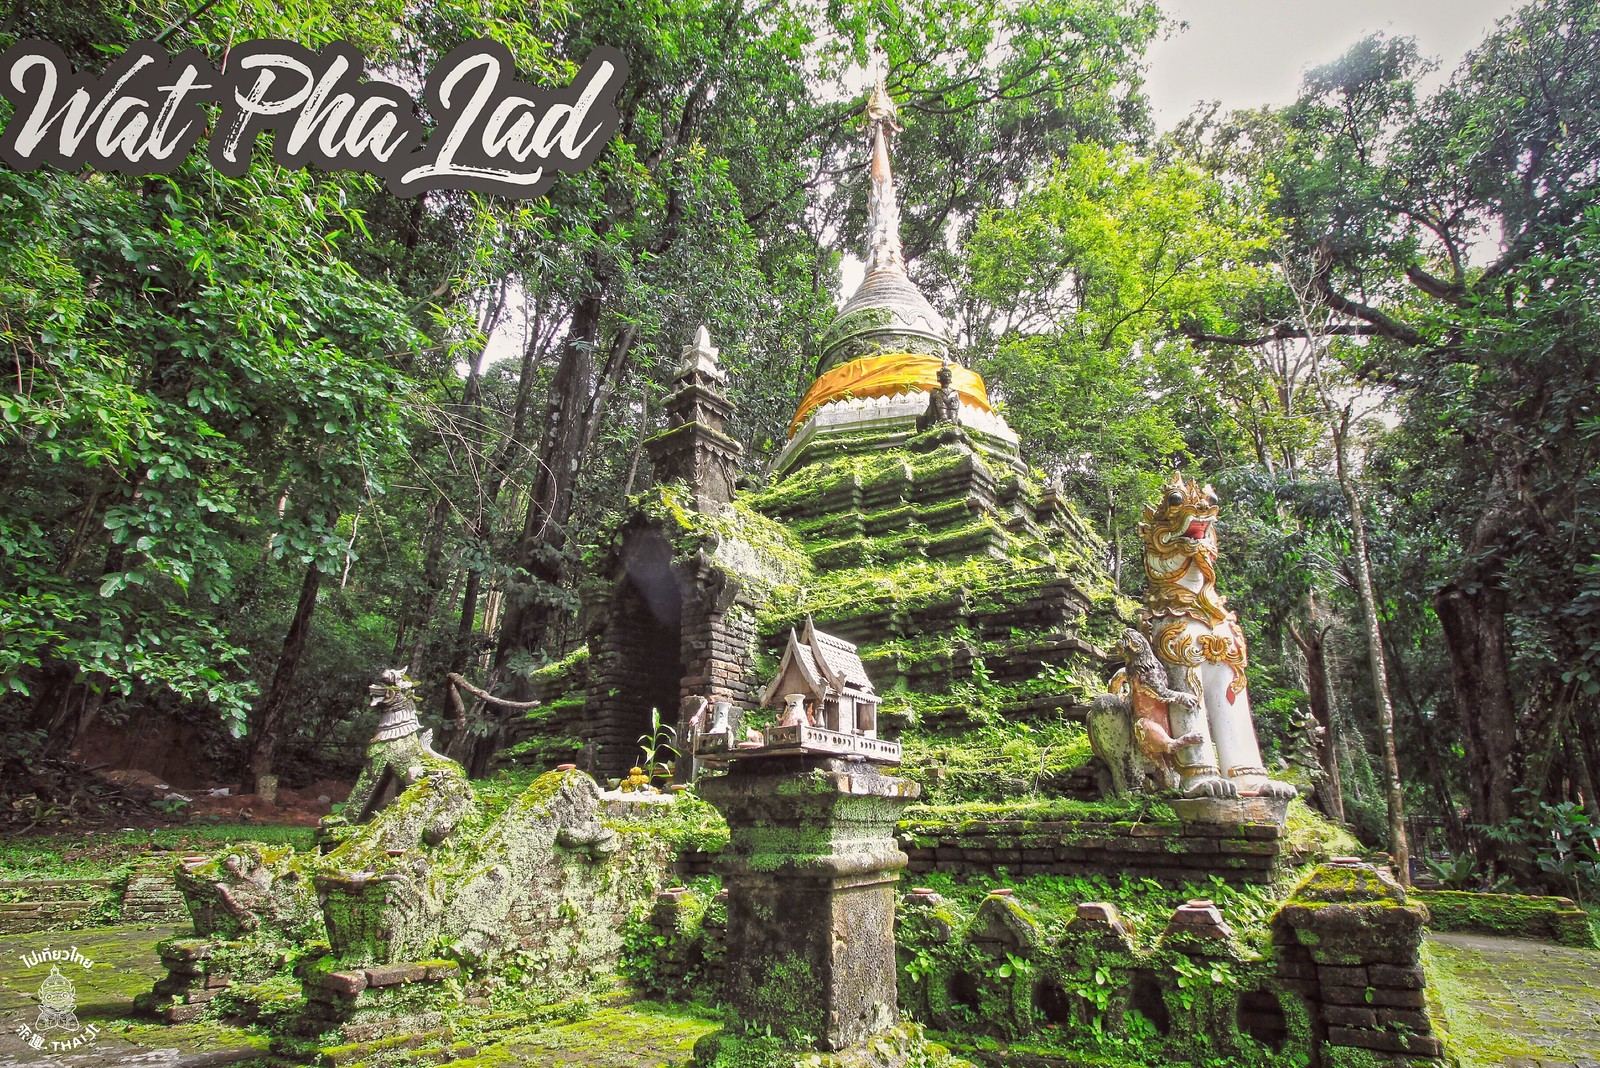 沈睡在素帖半山腰上的古蘭納佛寺《วัดผาลาด Wat Phalat》